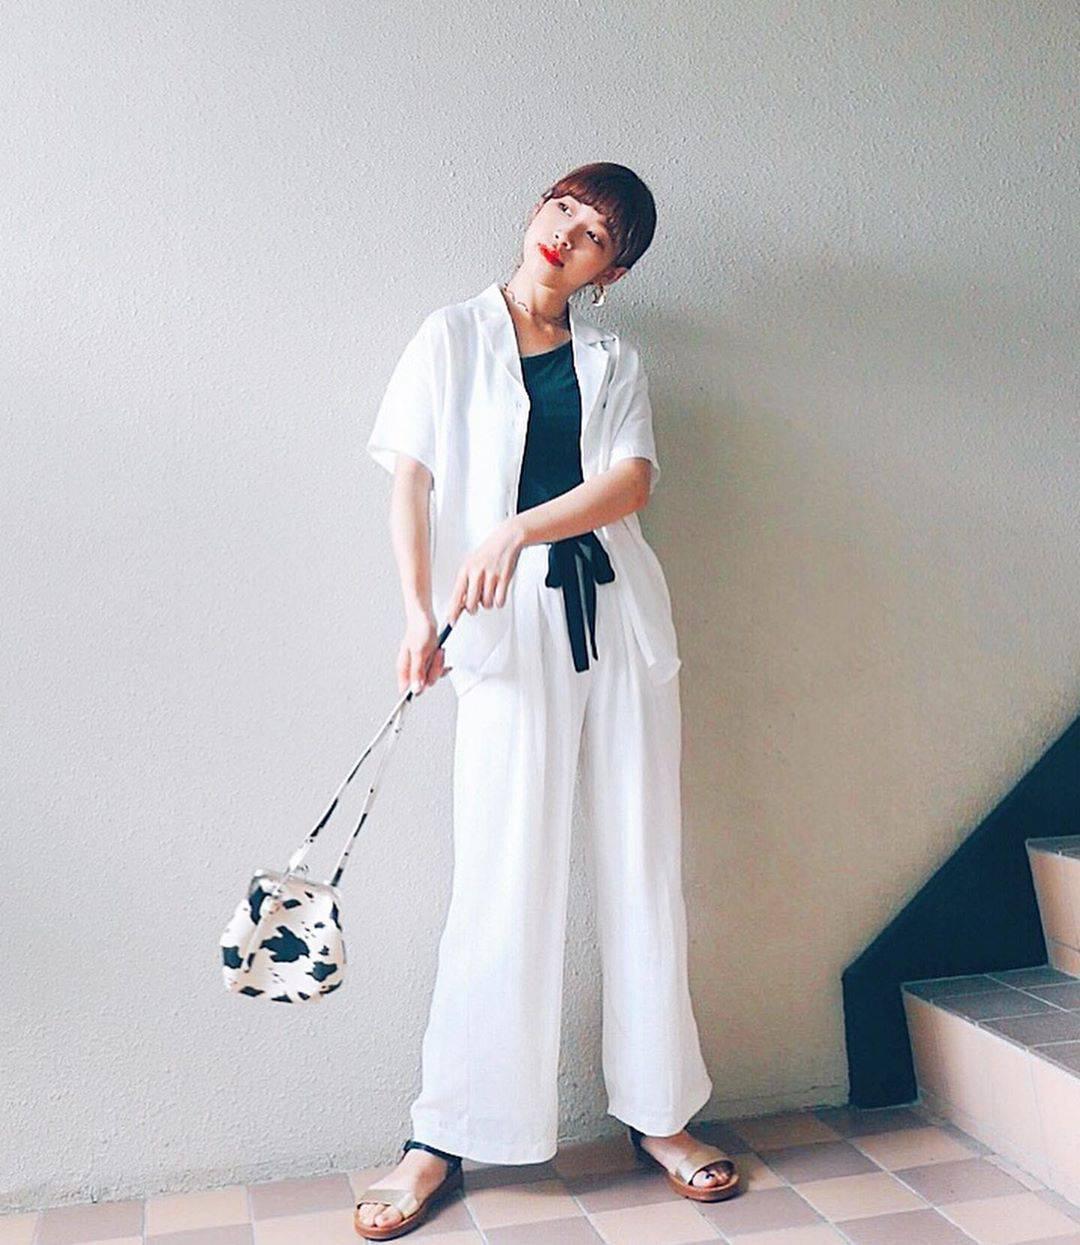 最高気温27度・最低気温20度 natsu_outfitsの服装